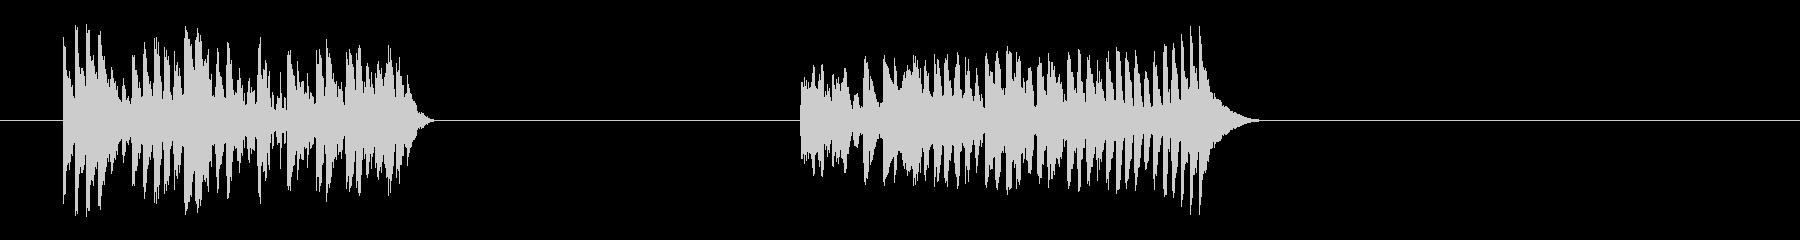 ピアノスケール-2バージョンの未再生の波形